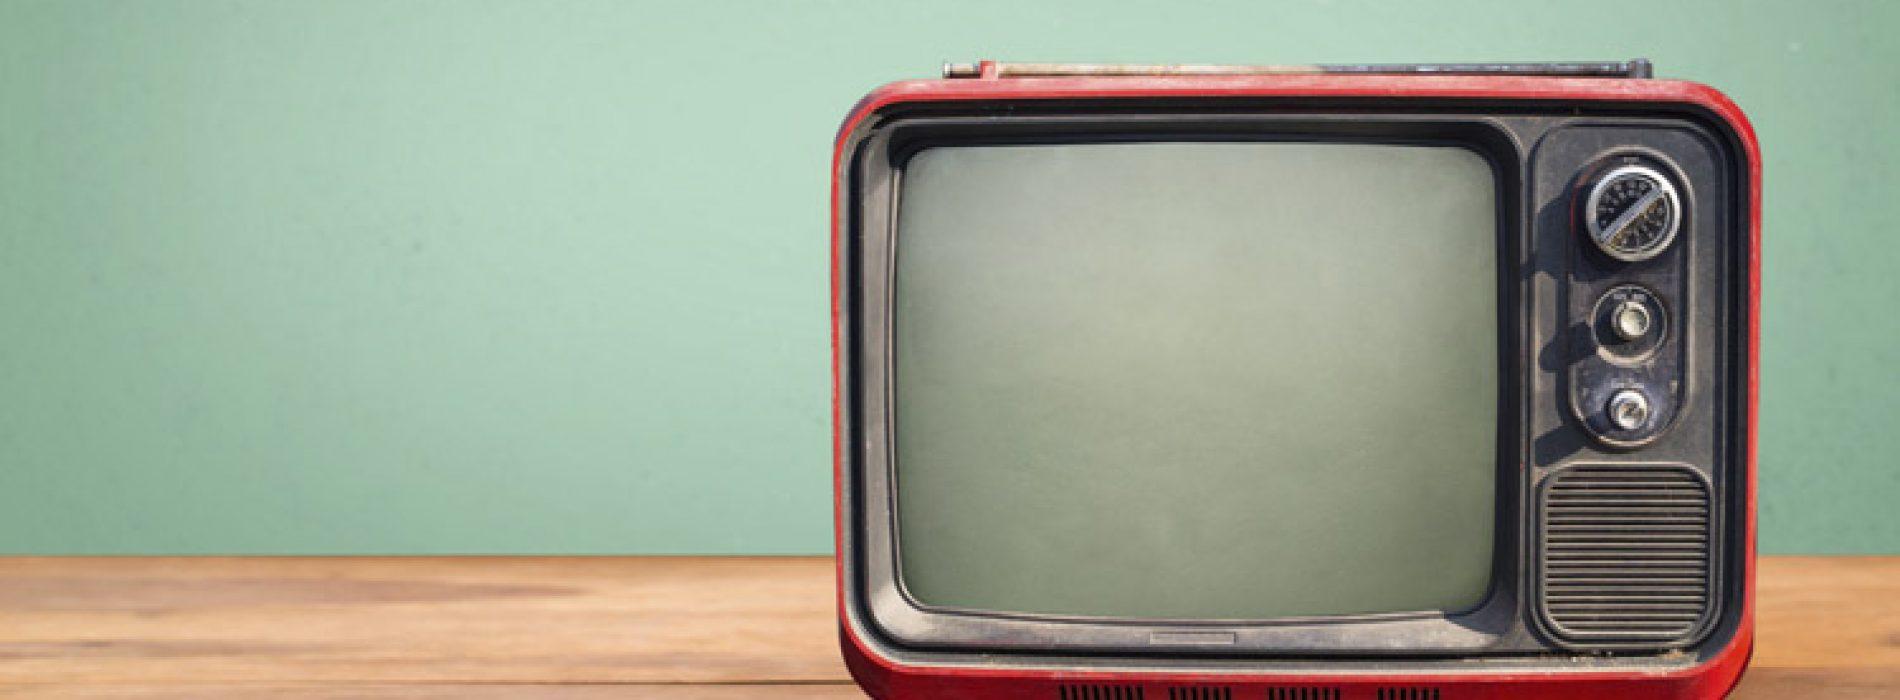 Ücretsiz Canlı TV Scripti